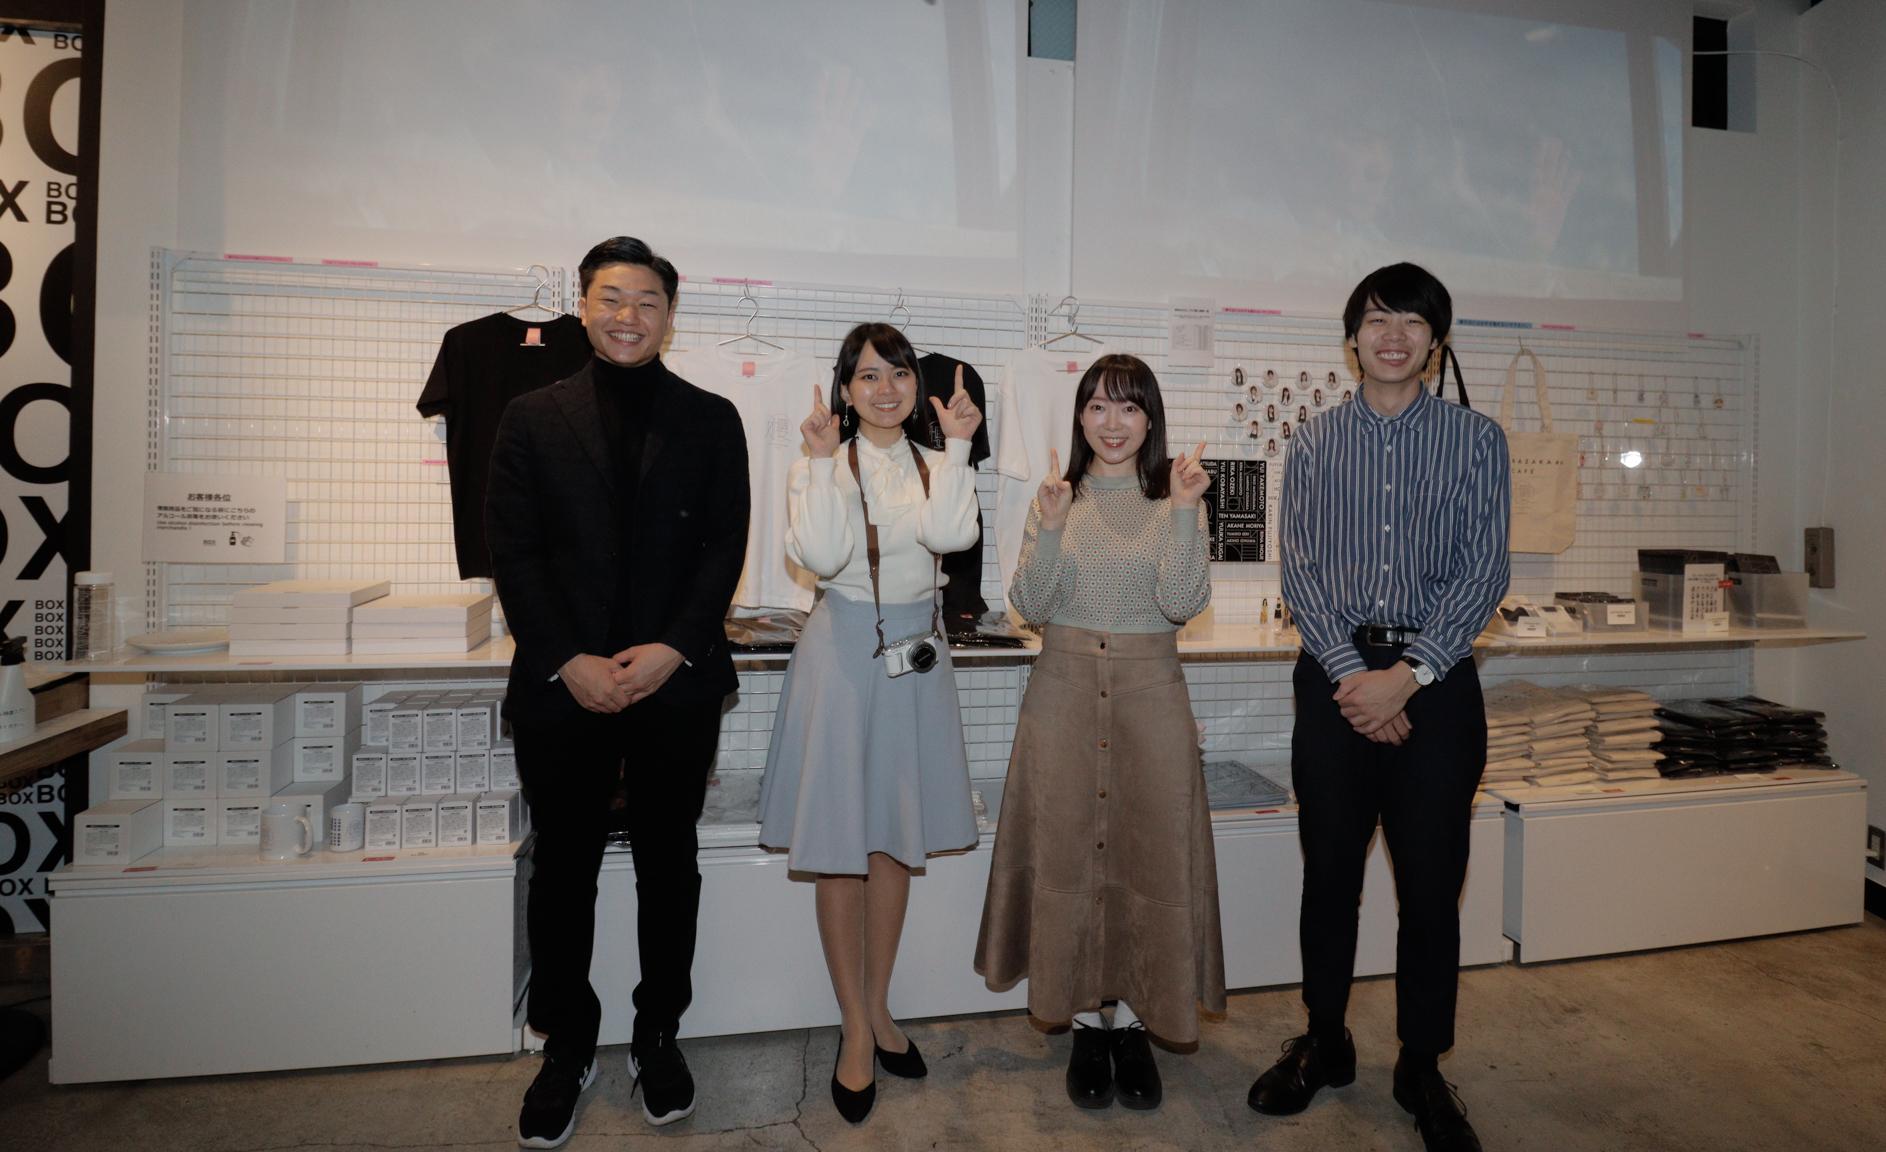 青木千聖(上智大学2年)川崎未来(東京農業大学3年)